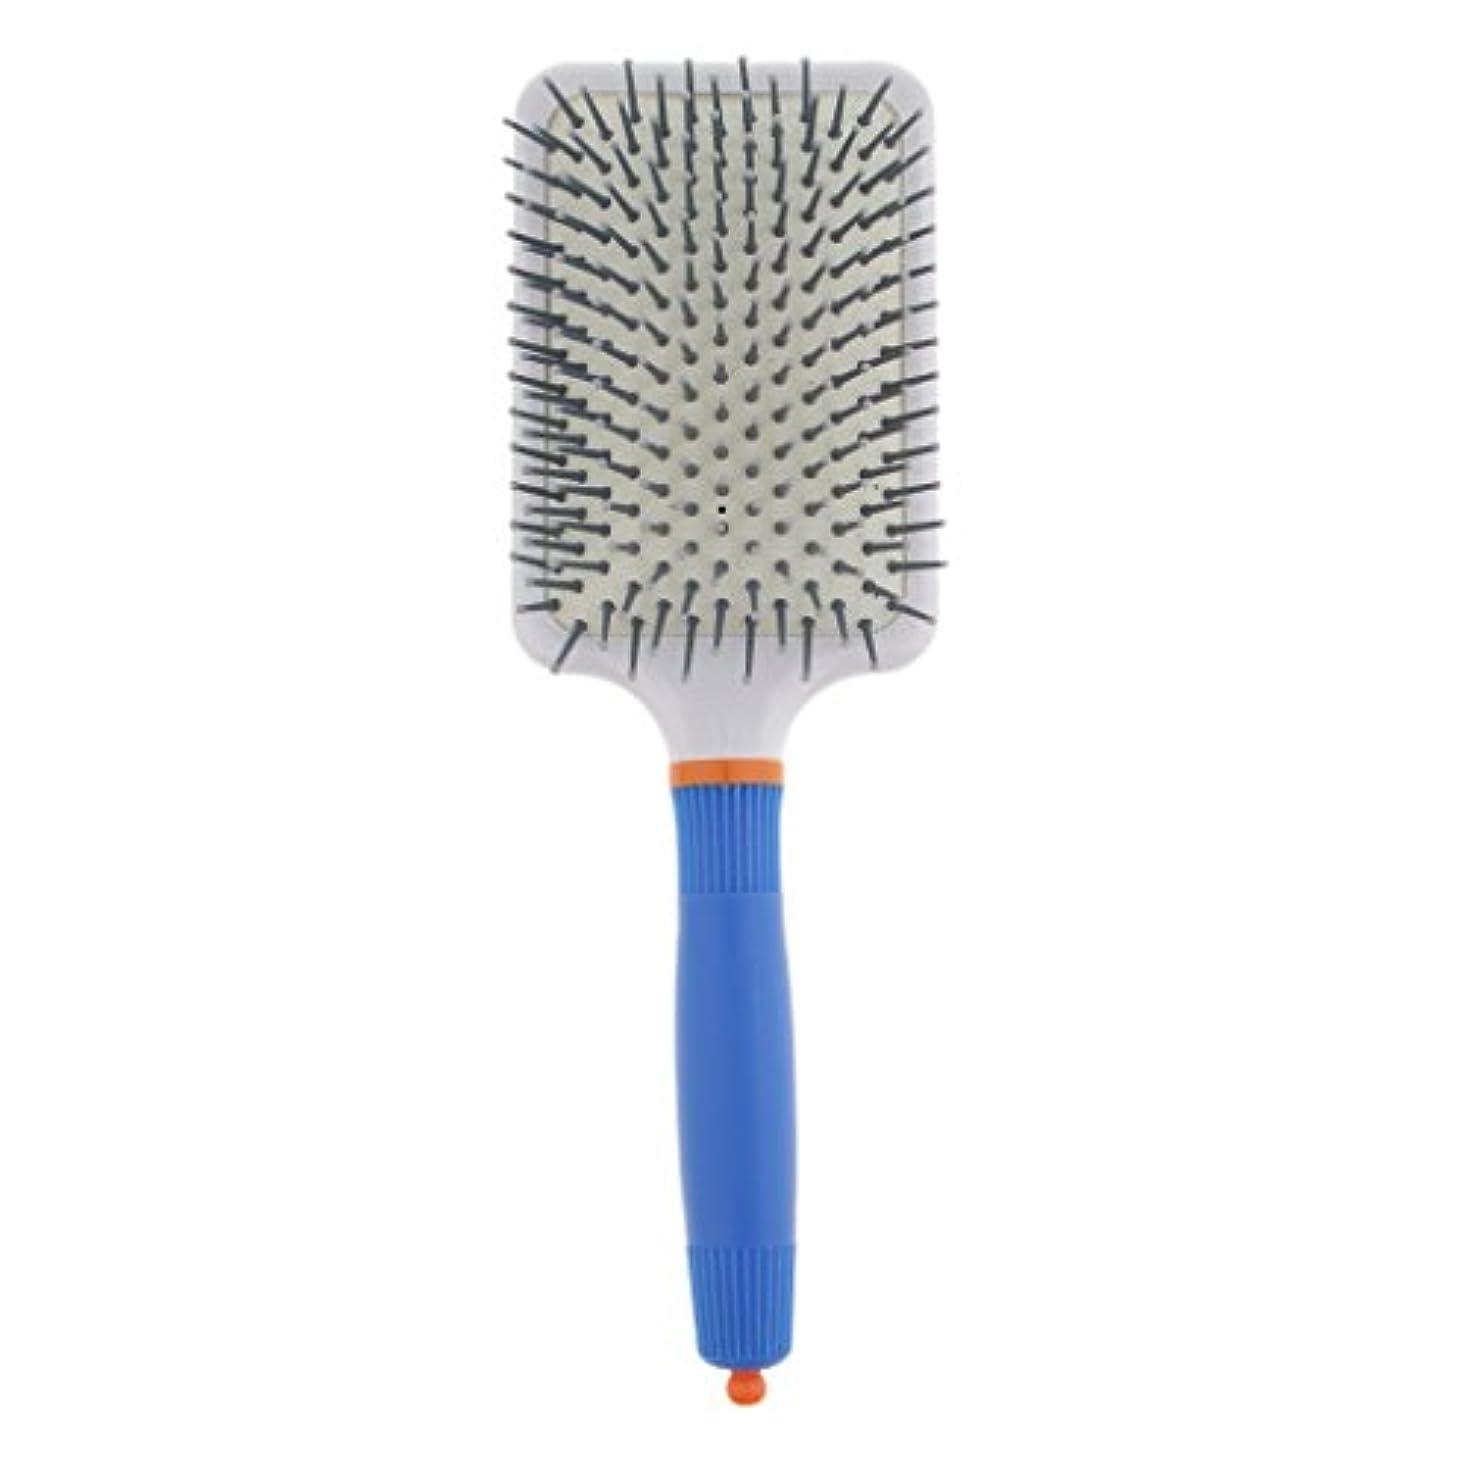 シャープミット錫プラスチック製 ブラシ 頭皮マッサージブラシ フラットヘアブラシ 櫛 静電気防止 全2色 - ダークブルー